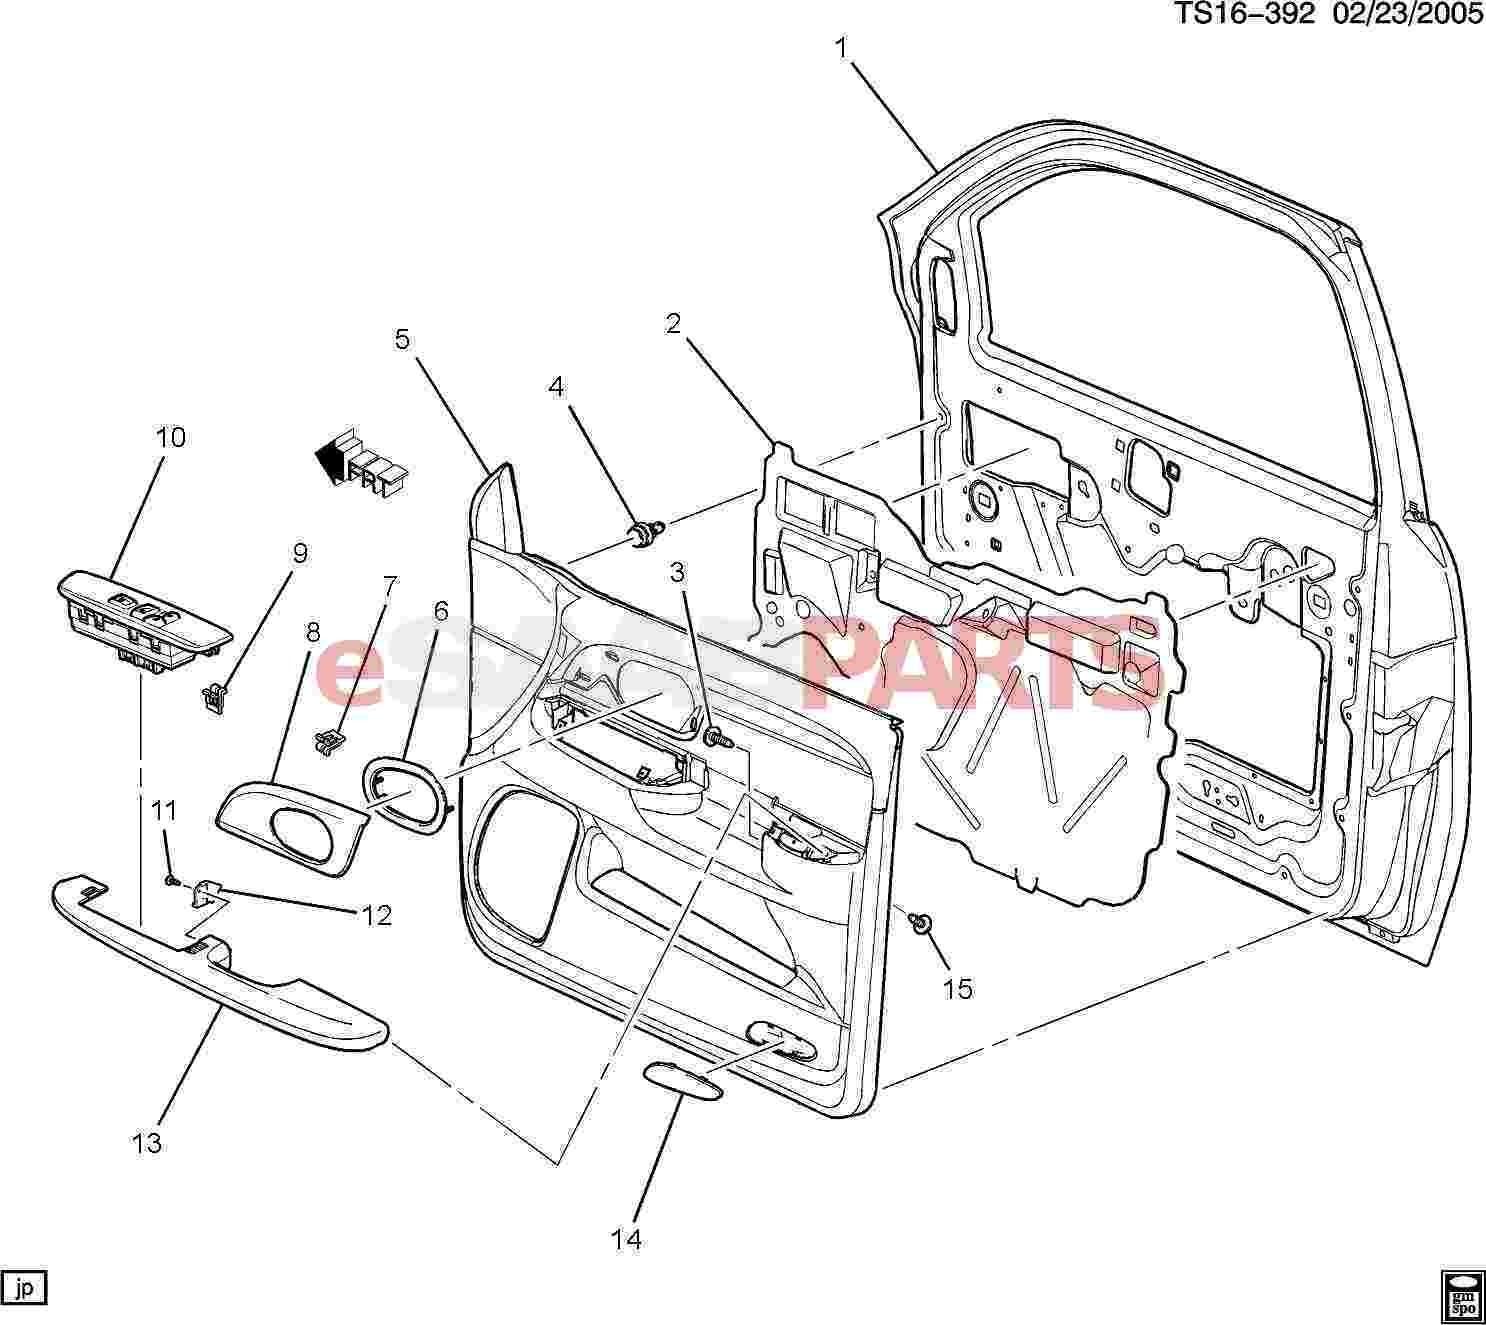 Automobile Body Parts Diagram Esaabparts Saab 9 7x Car Body Internal Parts Door Parts Of Automobile Body Parts Diagram